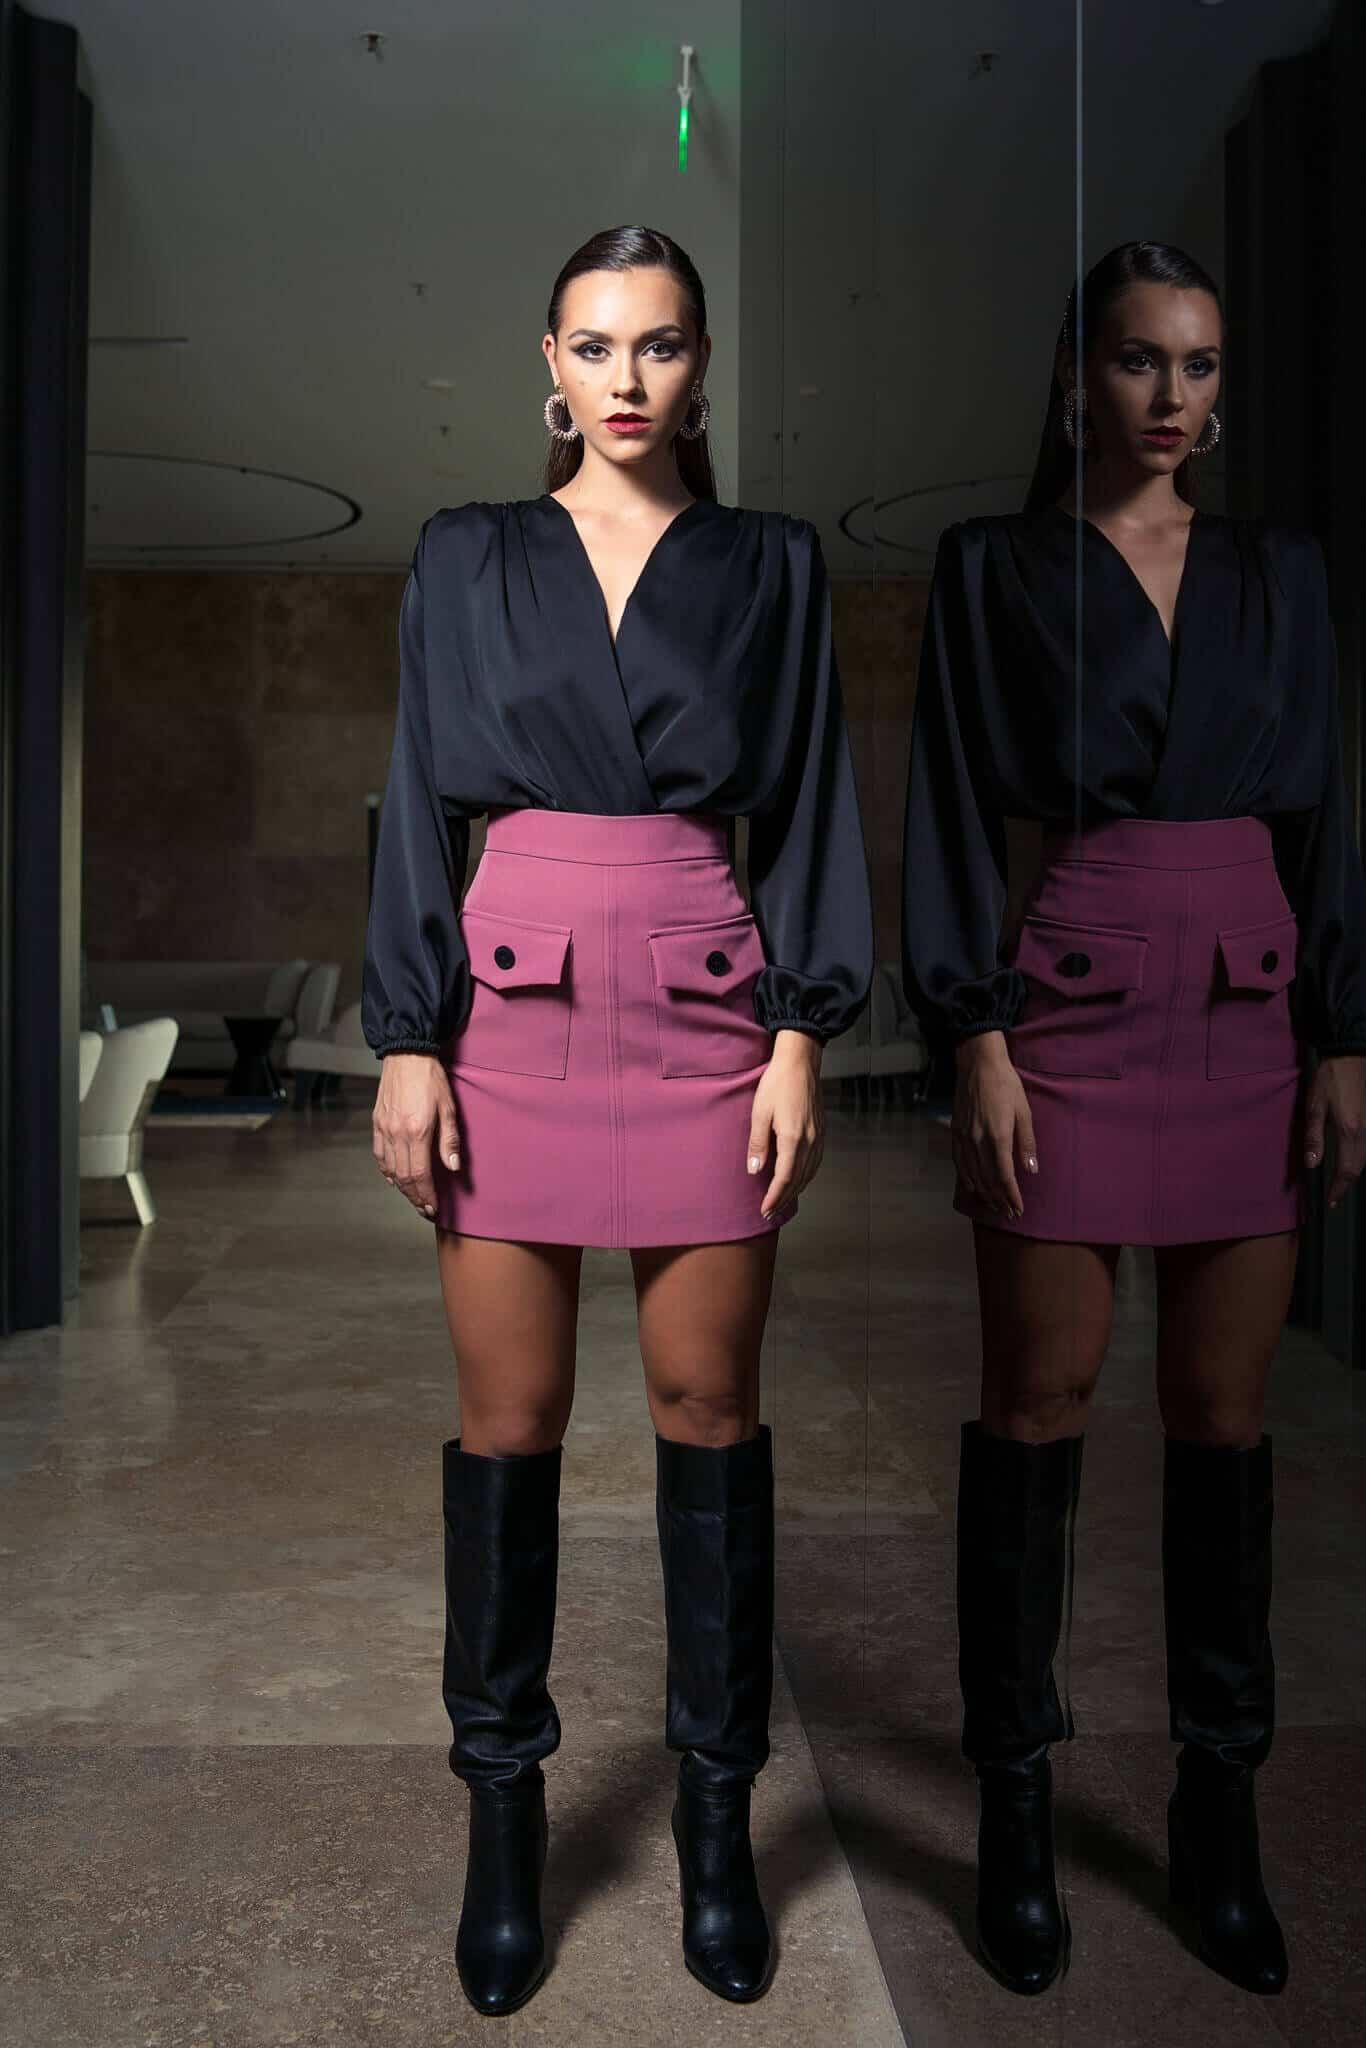 Черно боди риза и къса пола над коляното с джобове